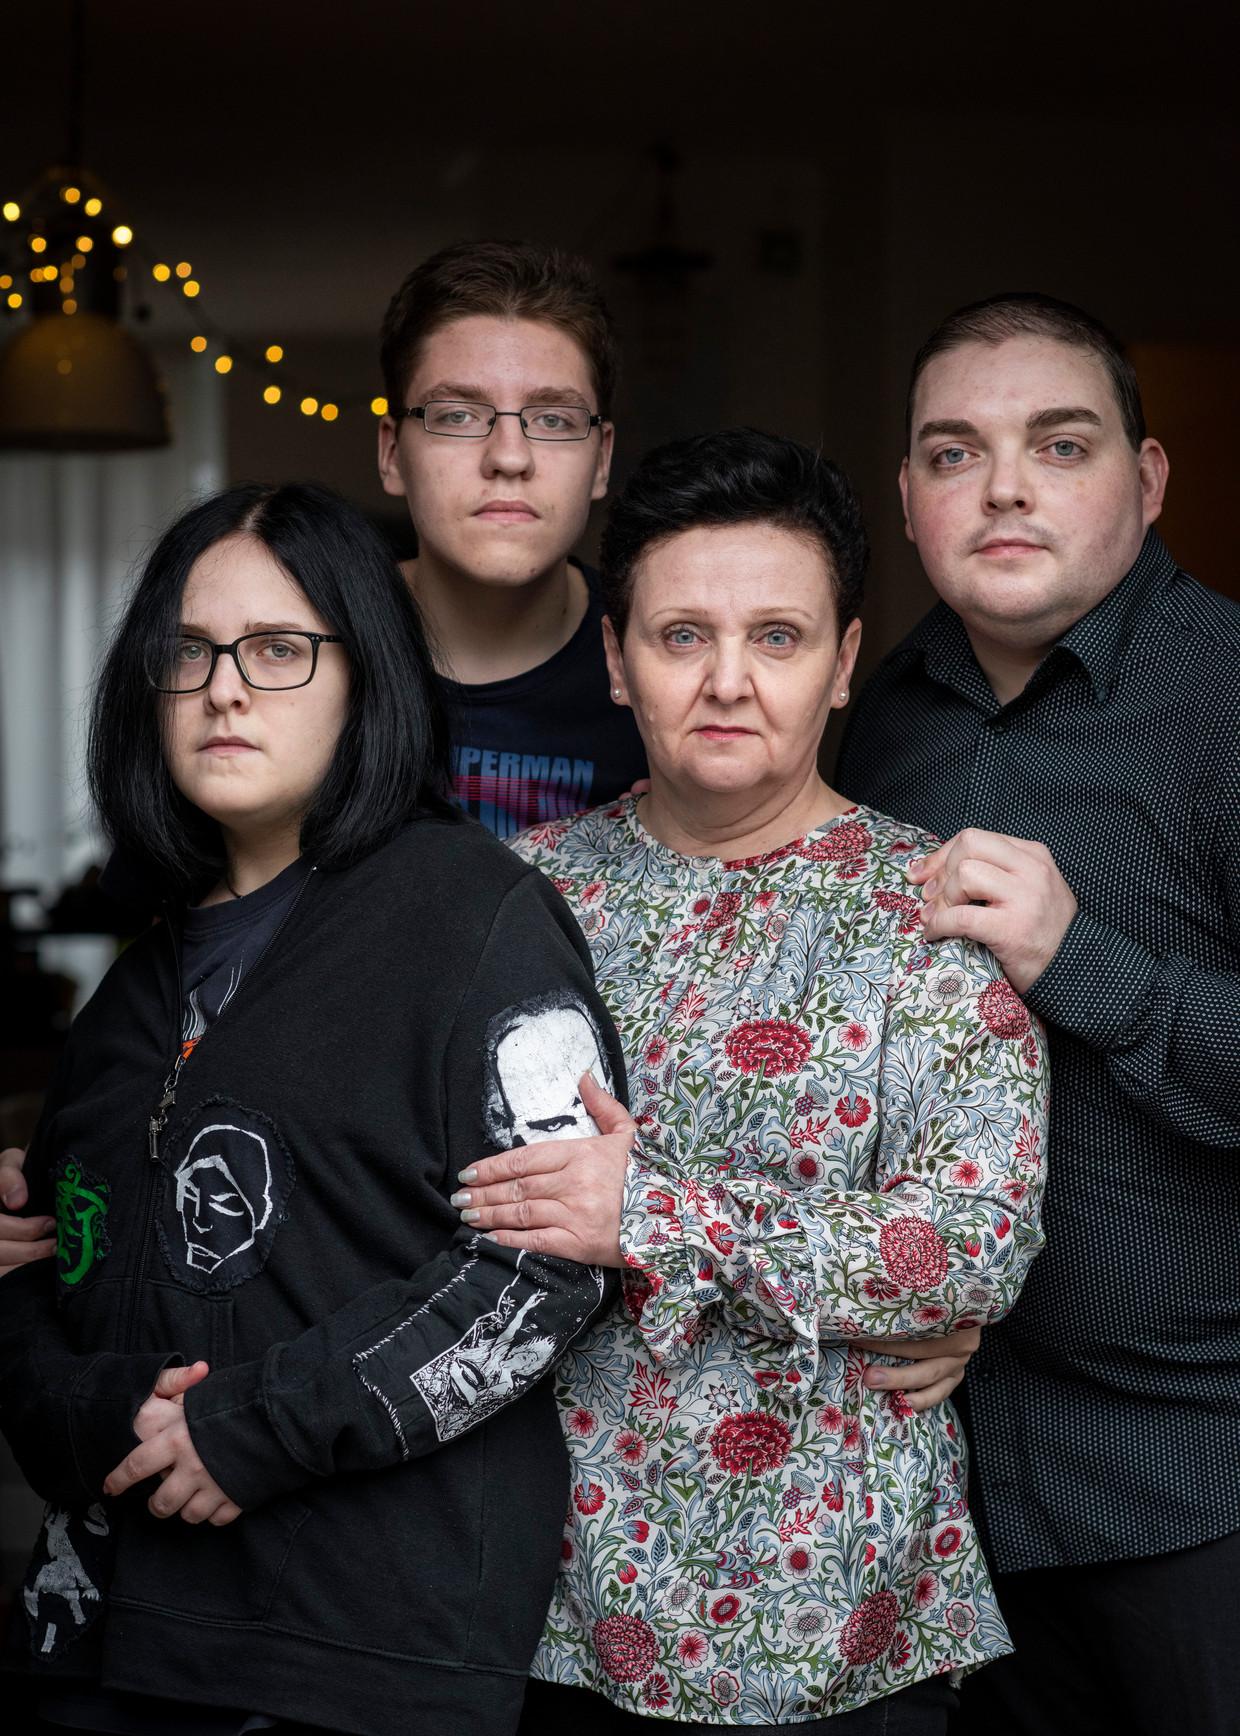 Anastasia en Nikolai met moeder Jelena en halfbroer Ilja. 'De jeugdzorg heeft ons echt wat aangedaan', zegt Anastasia. Beeld Linelle Deunk